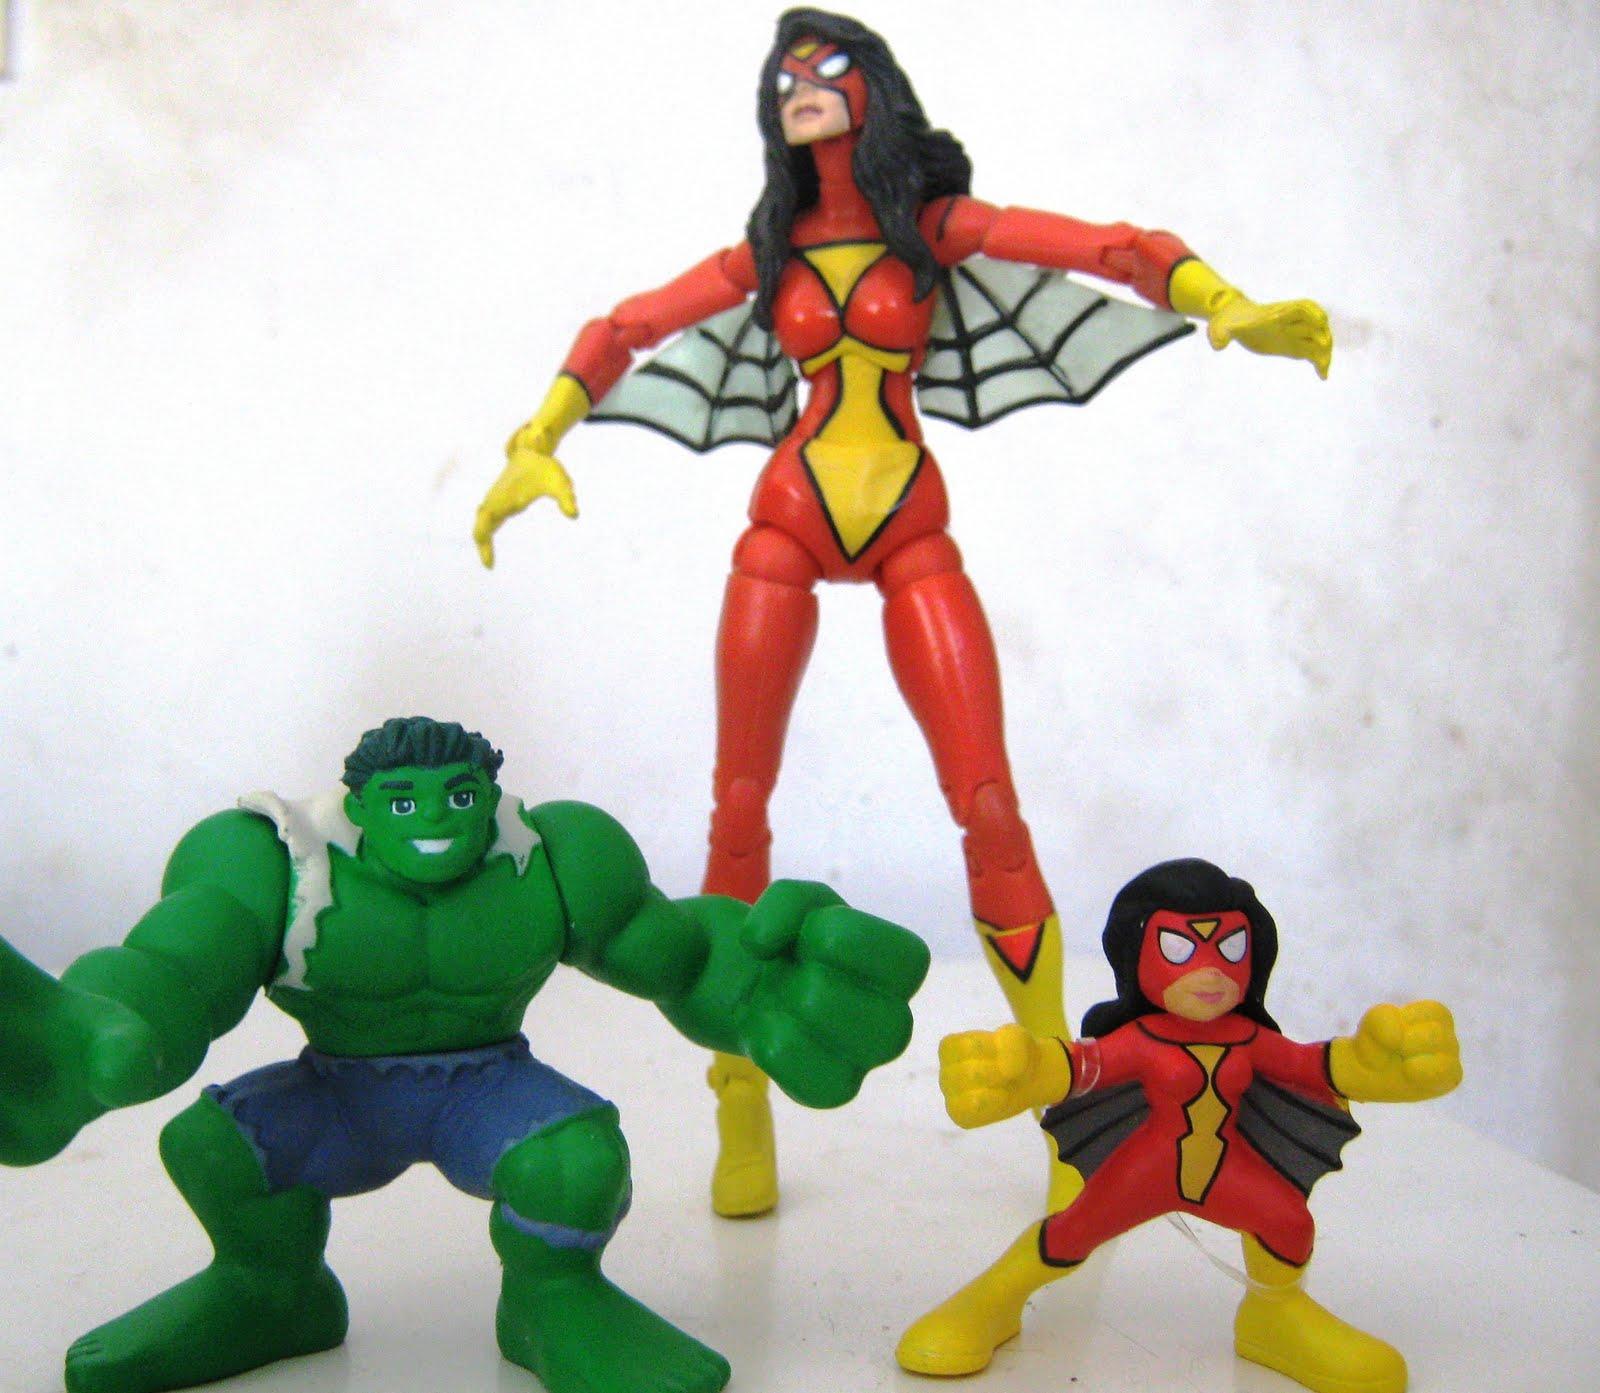 Aks soper amrika la entrada de la baticueva marvel super hero squad